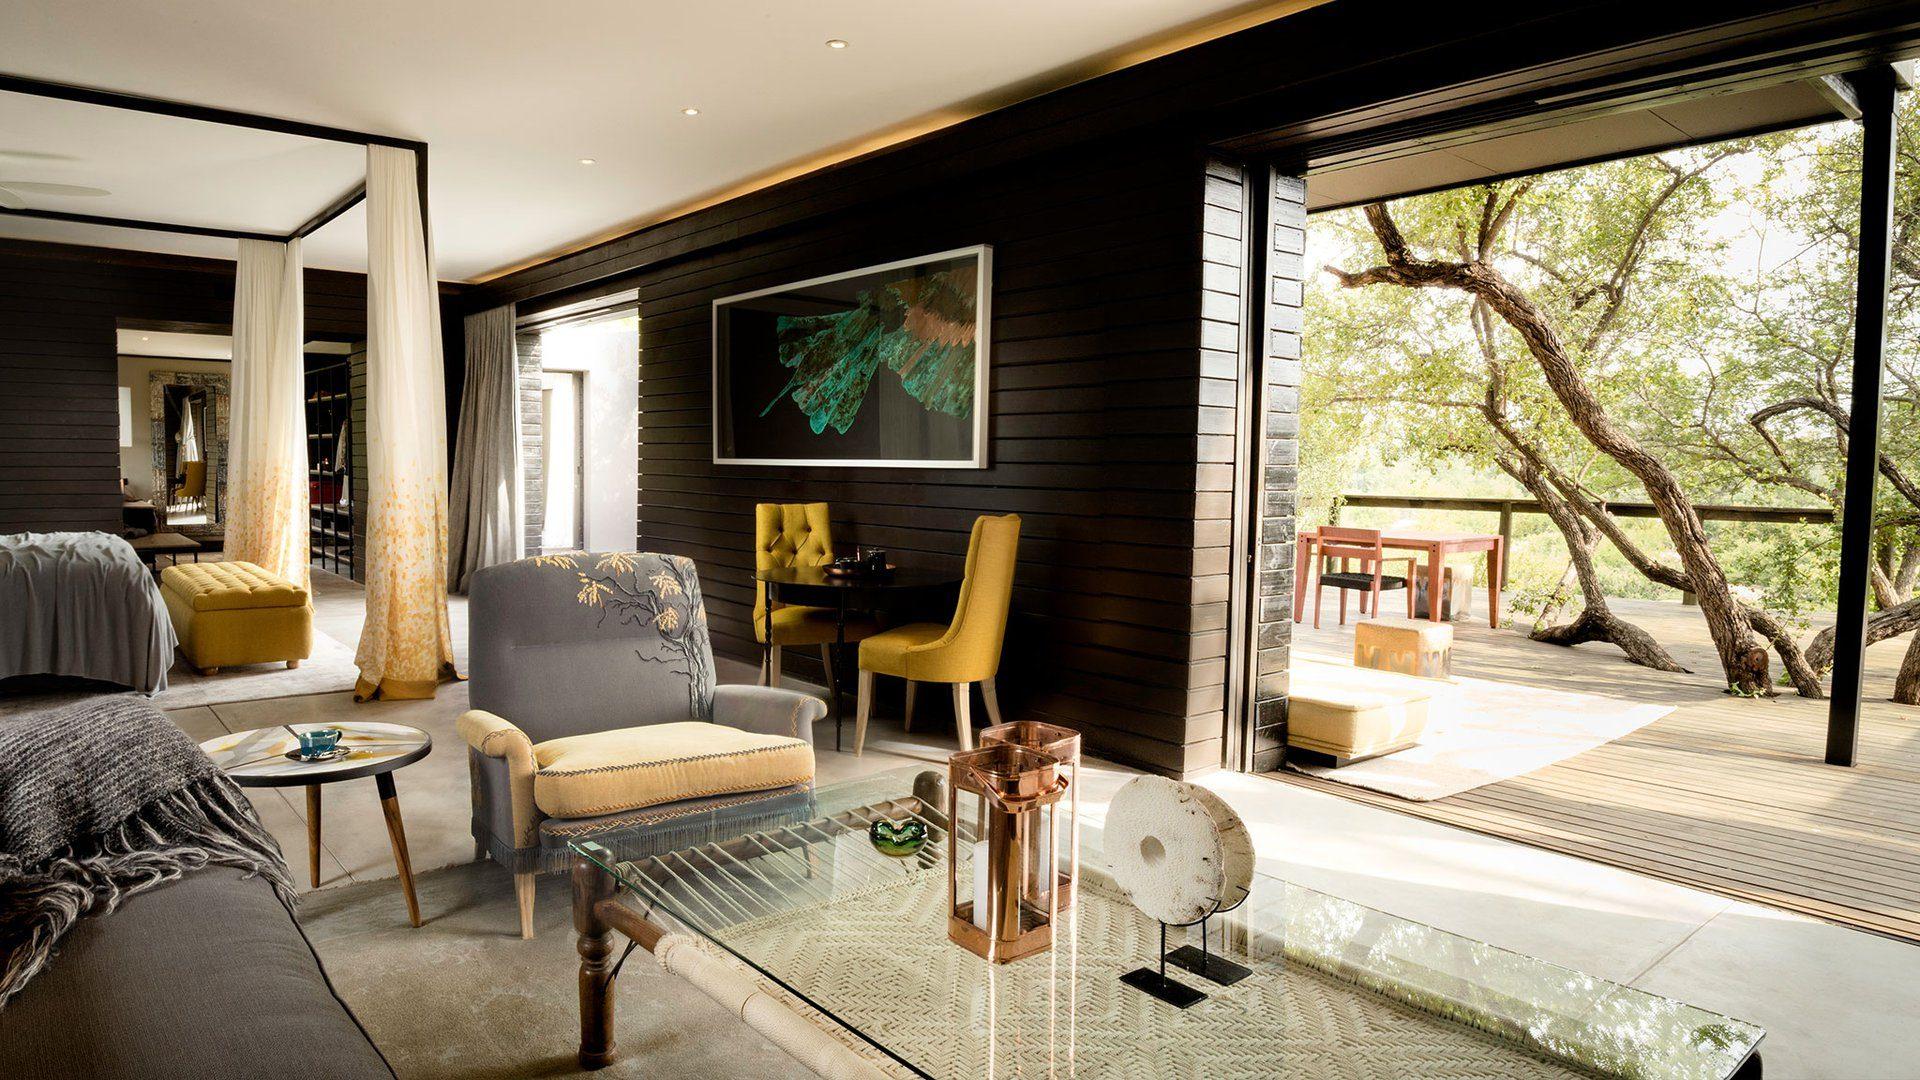 Silvan safari offers incredible interiors